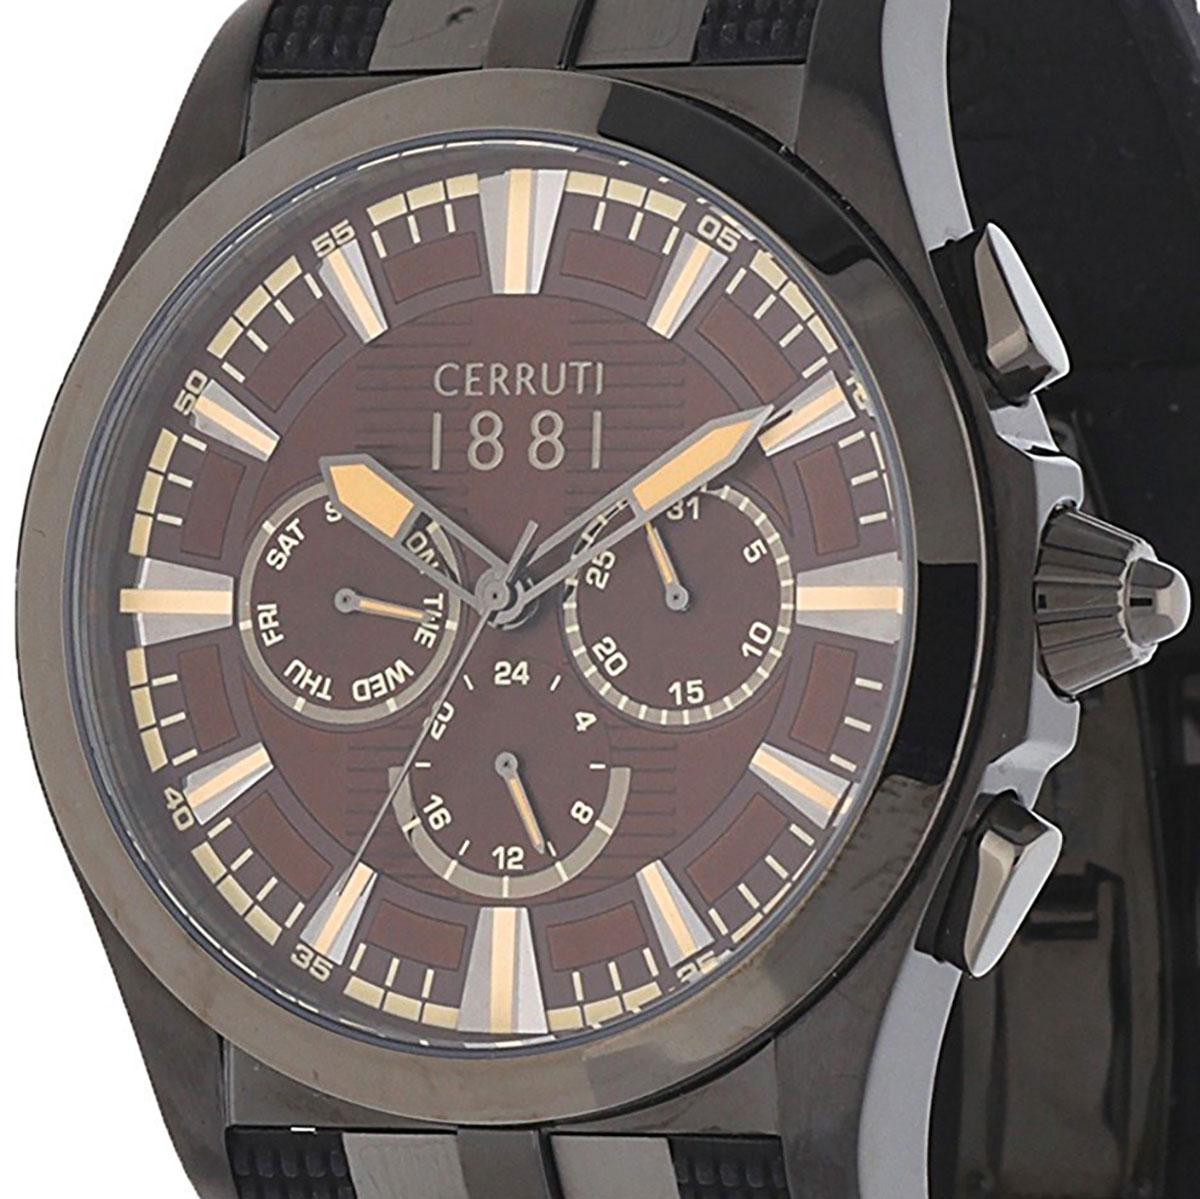 【残り1点】CERRUTI 1881 チェルッティ1881 電池式クォーツ 腕時計 [CRA076BU12] 並行輸入品 ブラウン(茶)